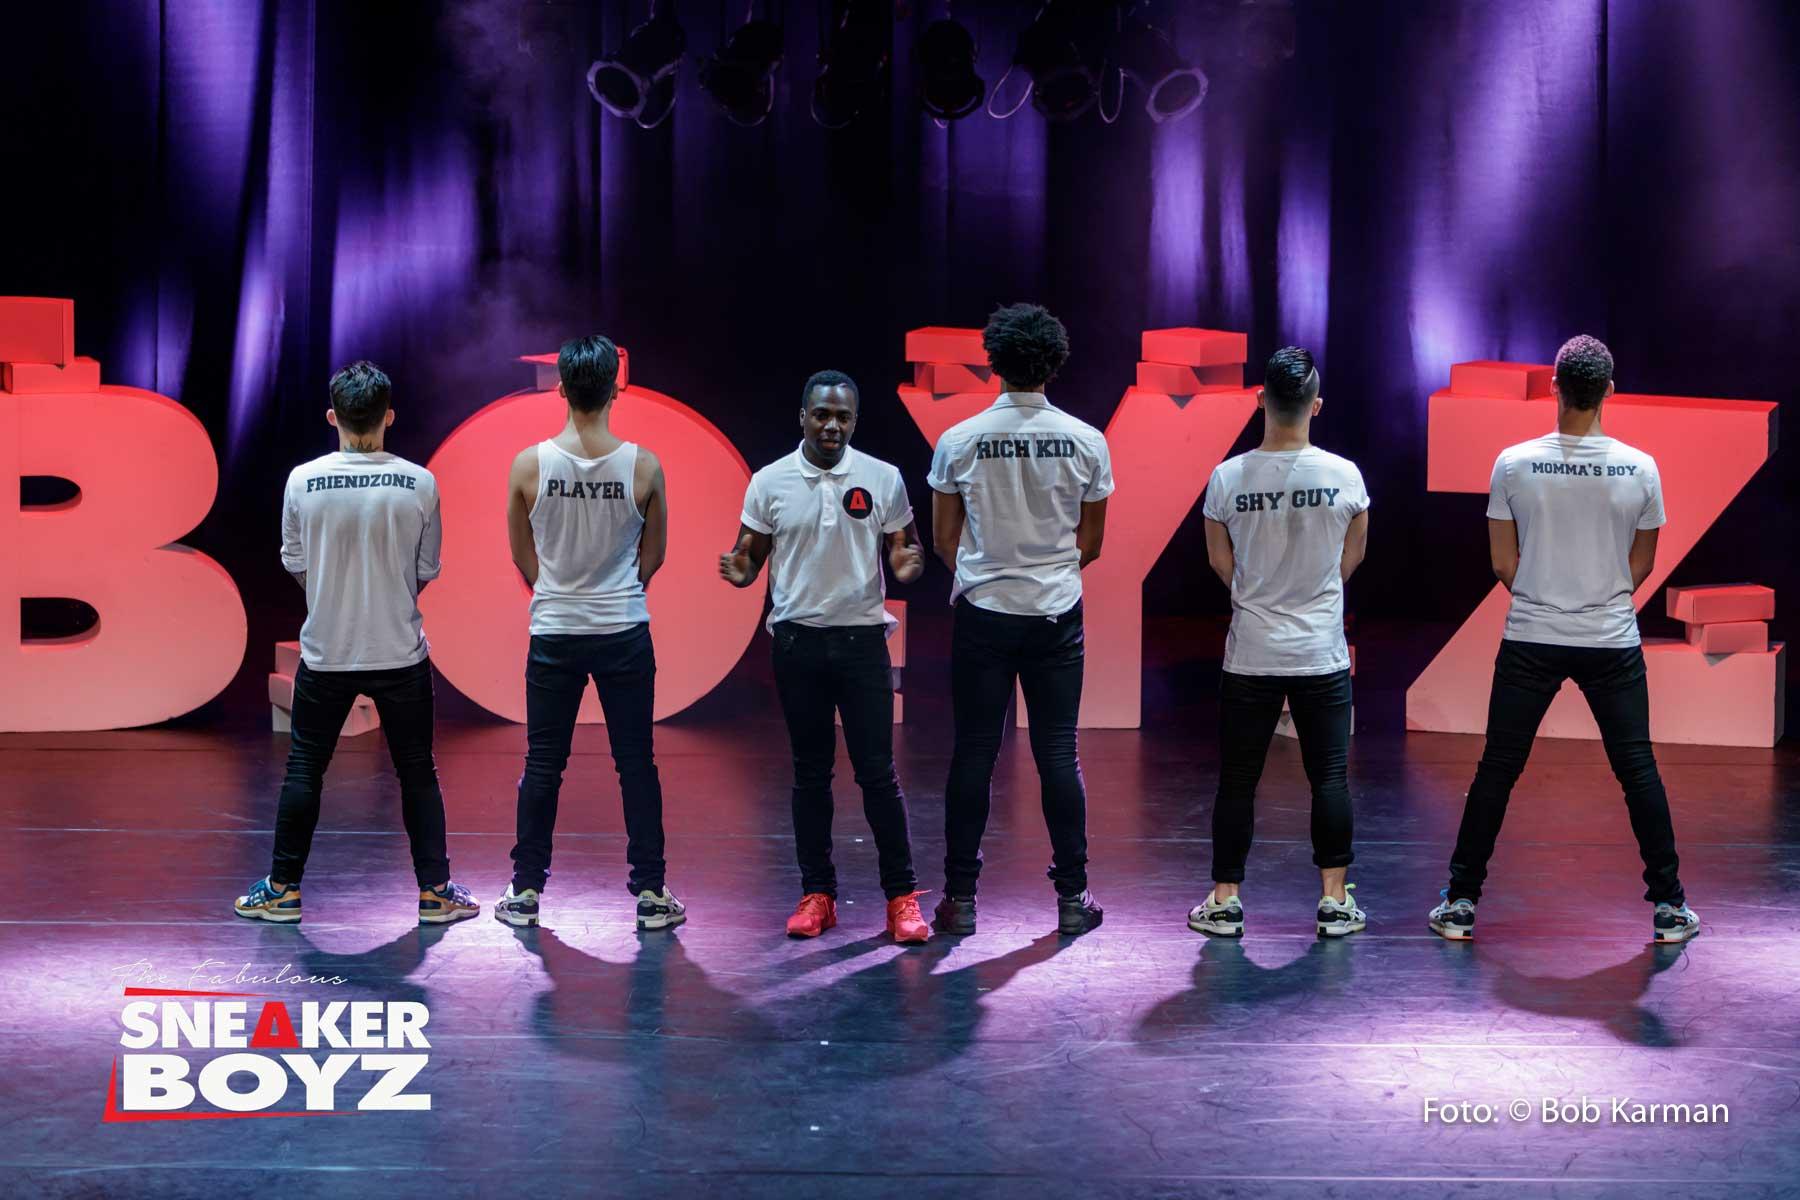 BNK201602-Sneakerboyz-2905